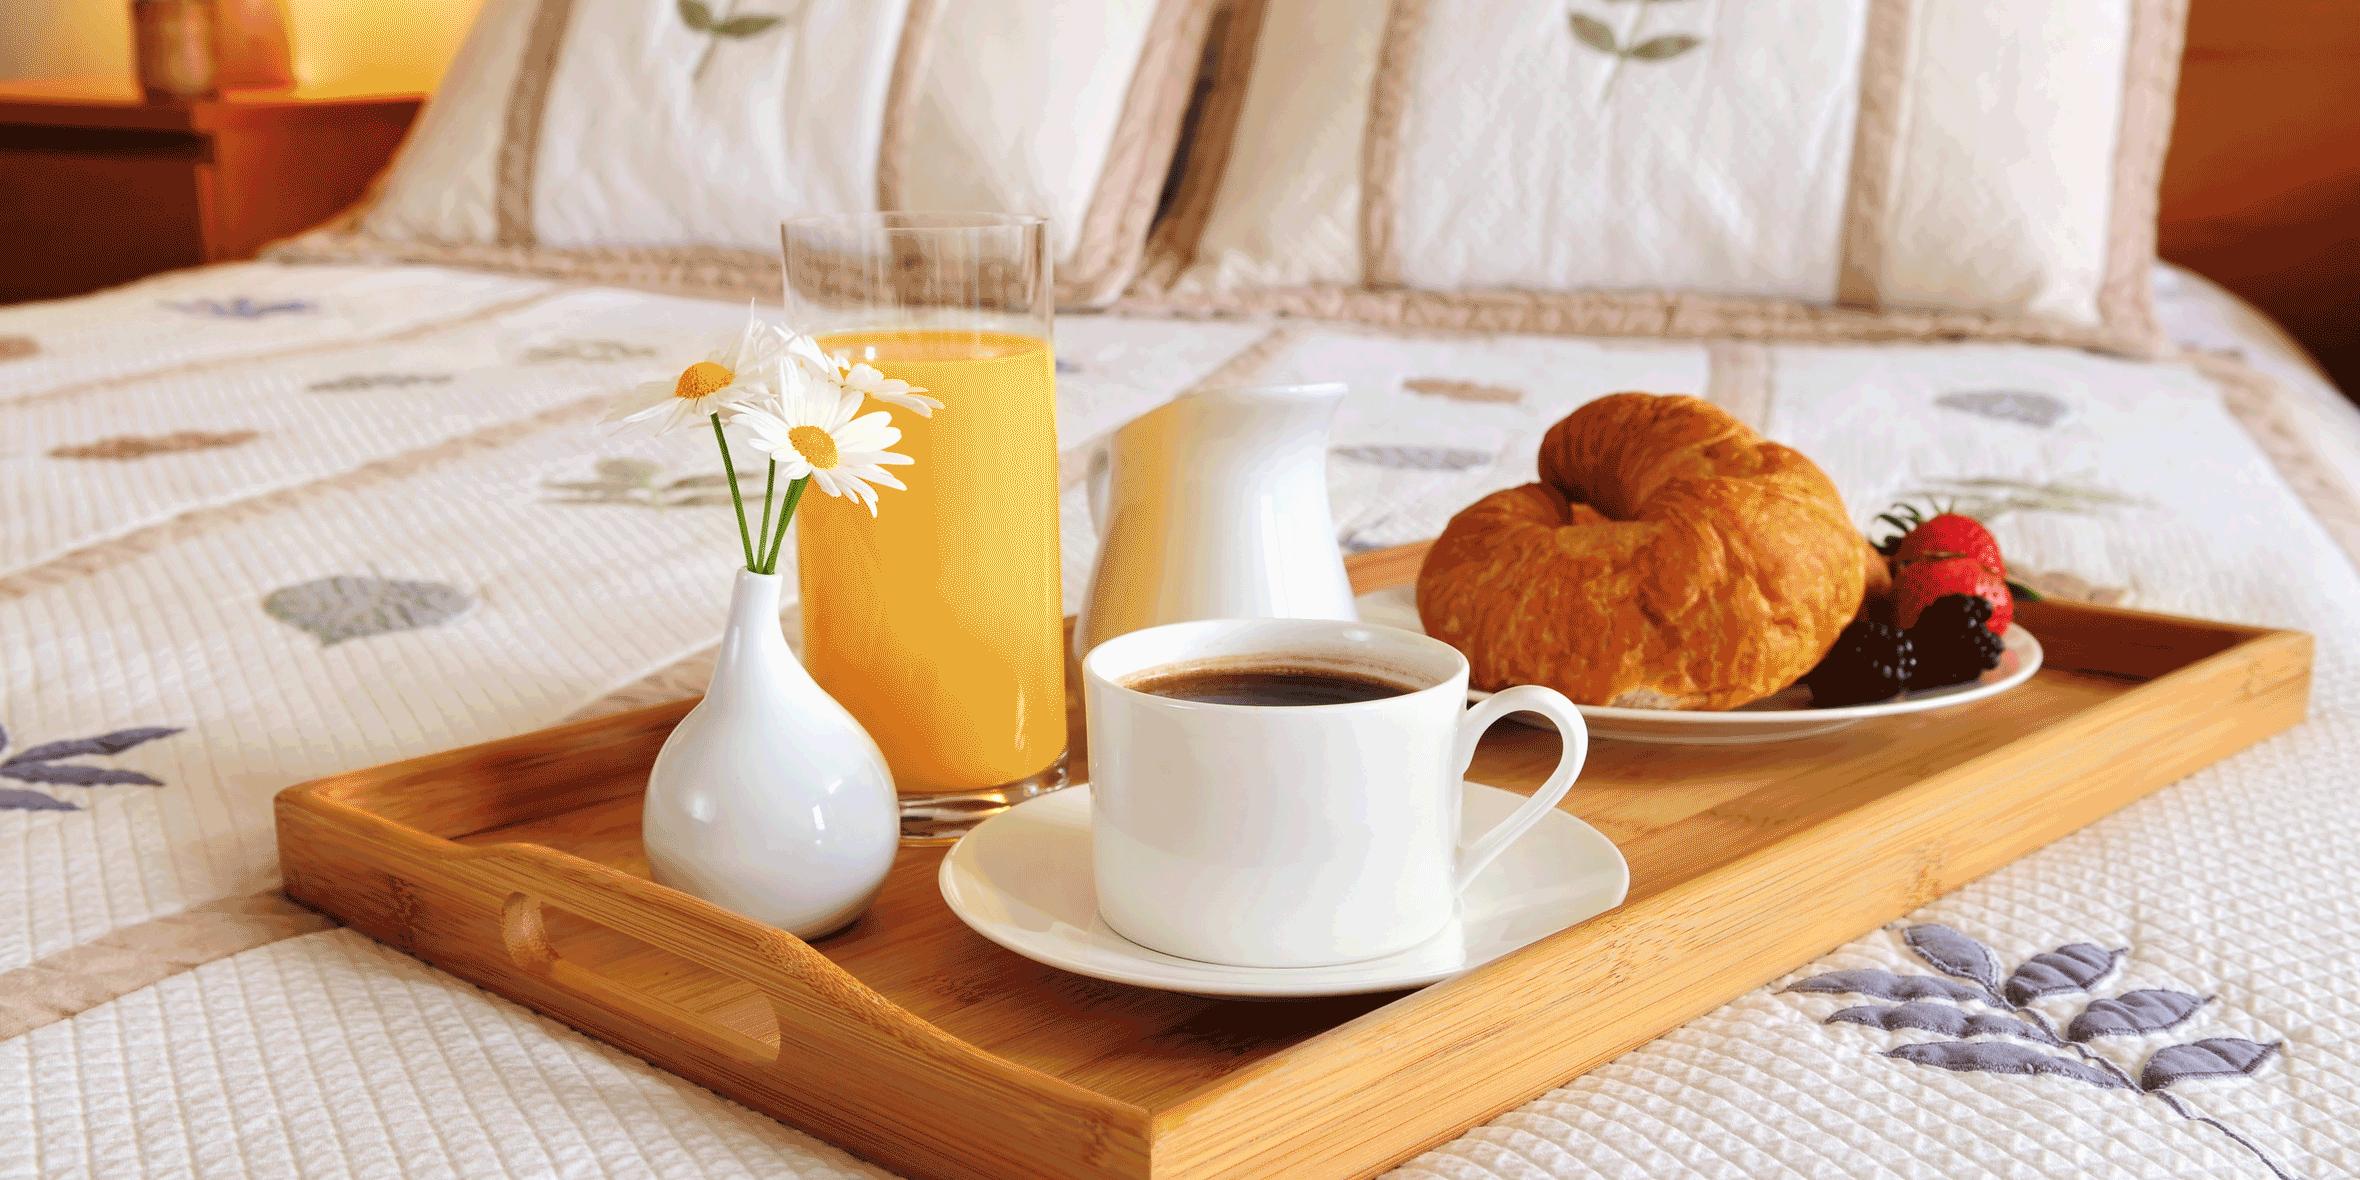 Hotelbett mit Frühstücksarrangement